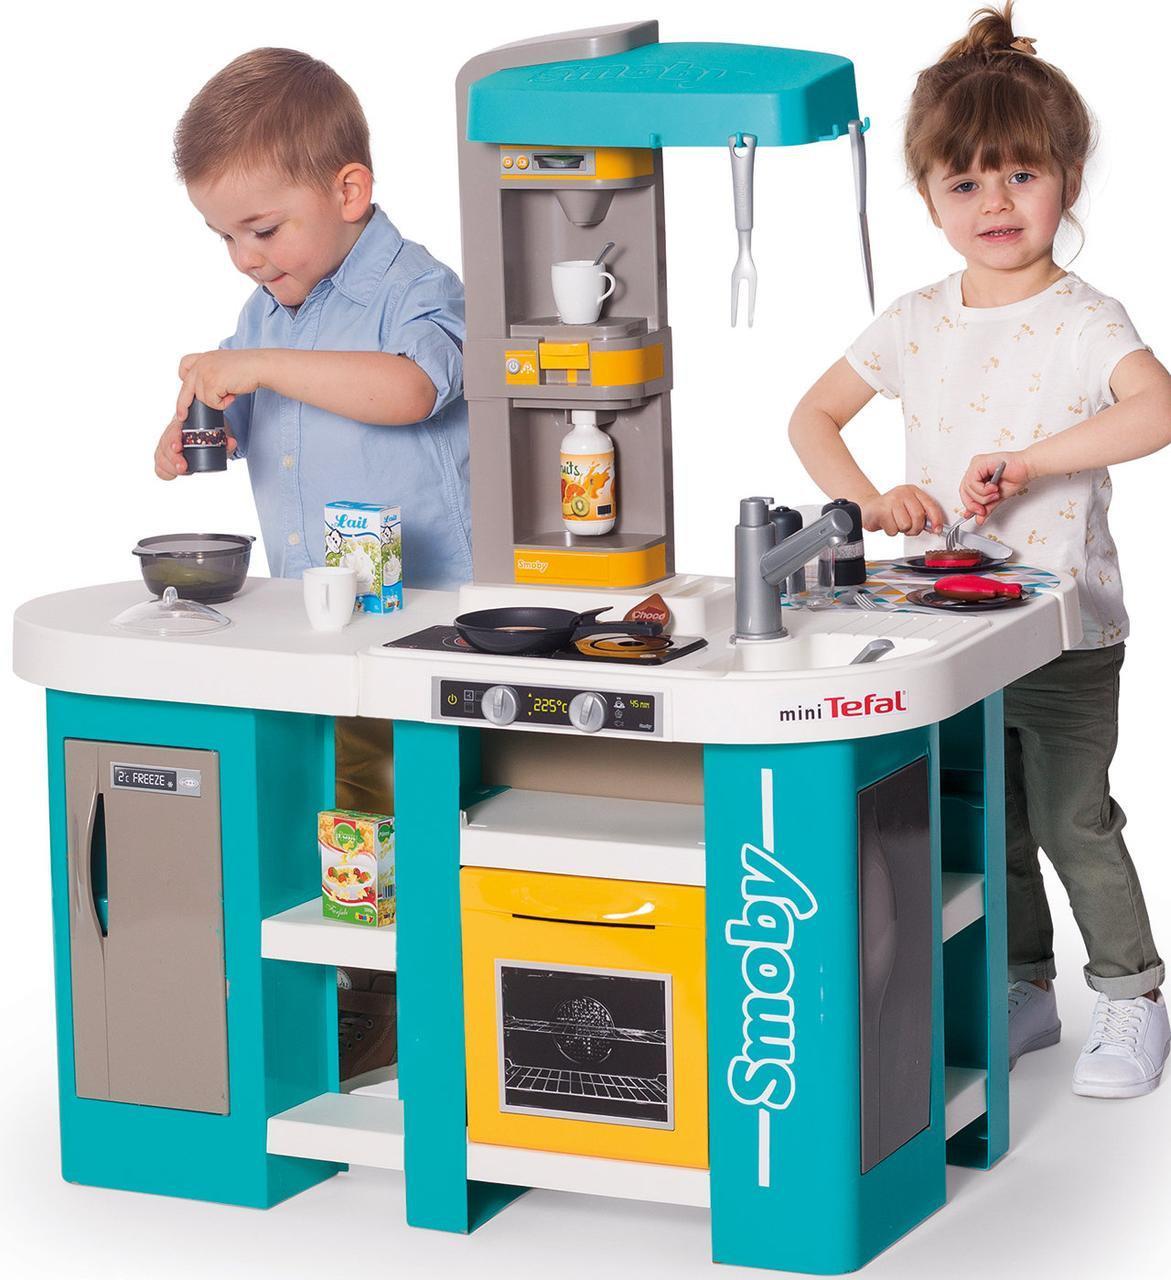 Интерактивная кухня Студио Фрэнч серии Тефаль (голубая) Smoby 311045